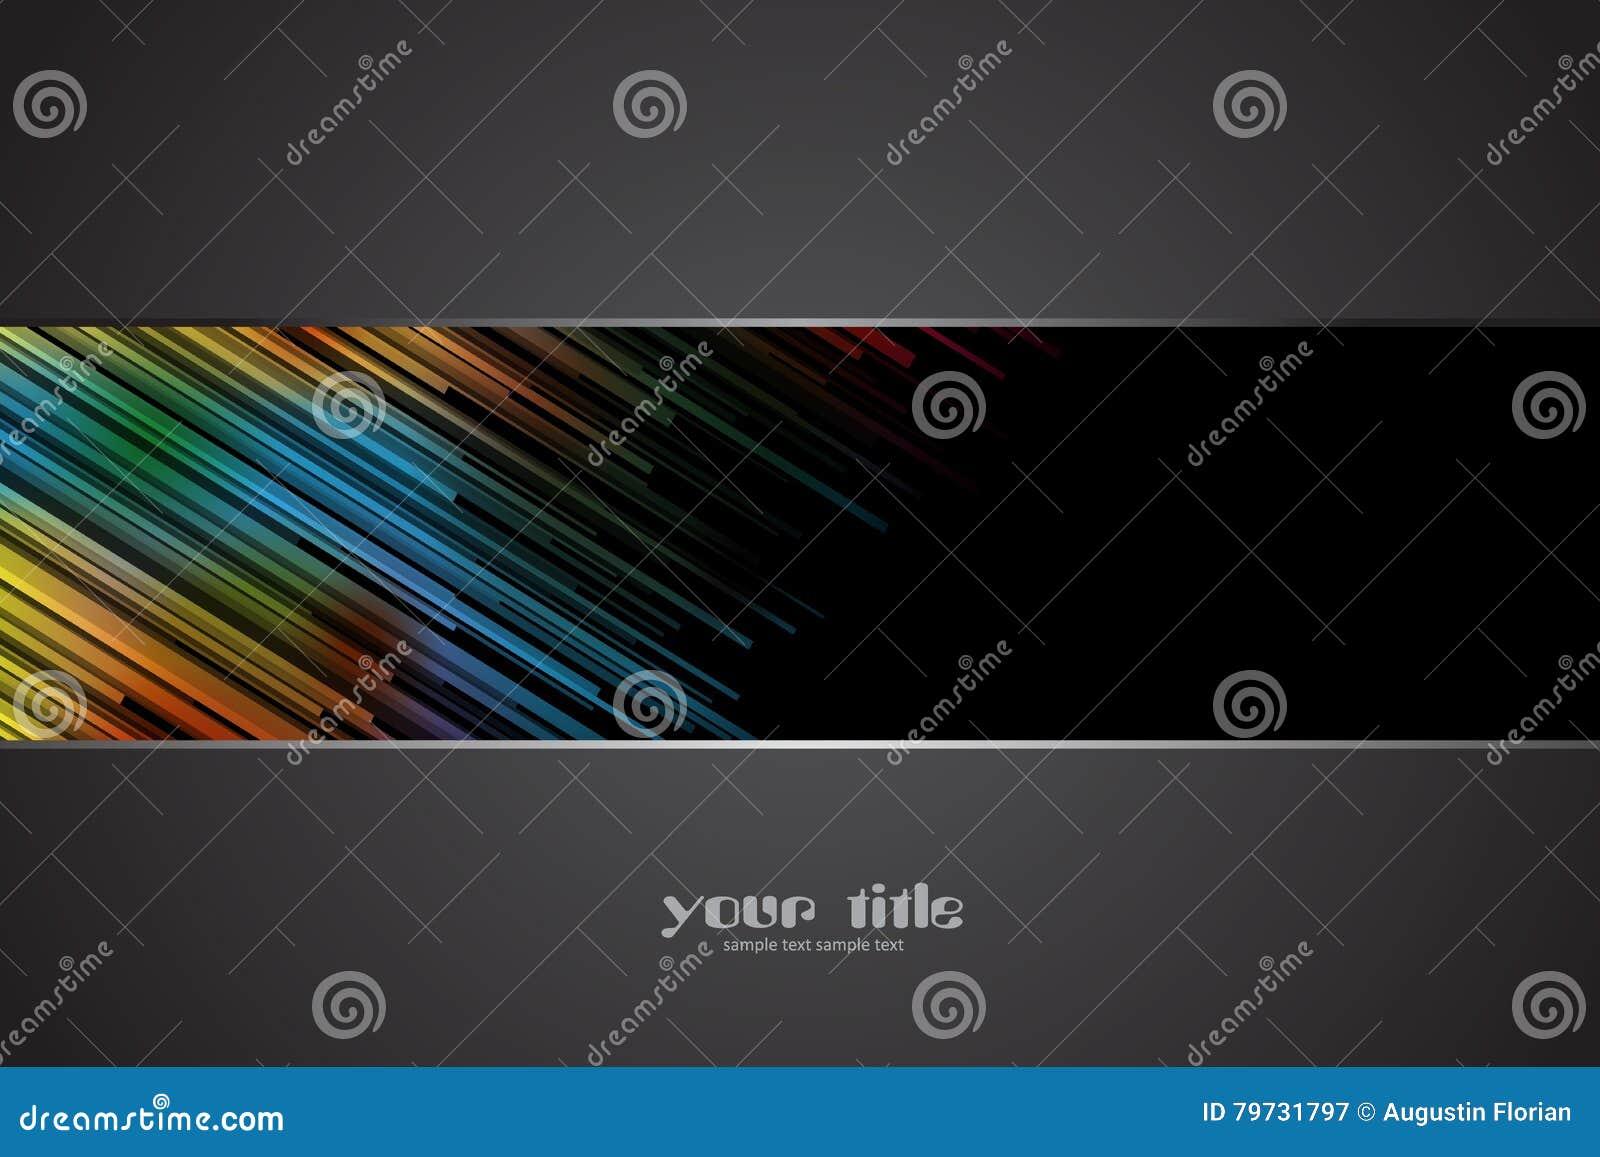 Fondo oscuro con las rayas coloreadas arco iris